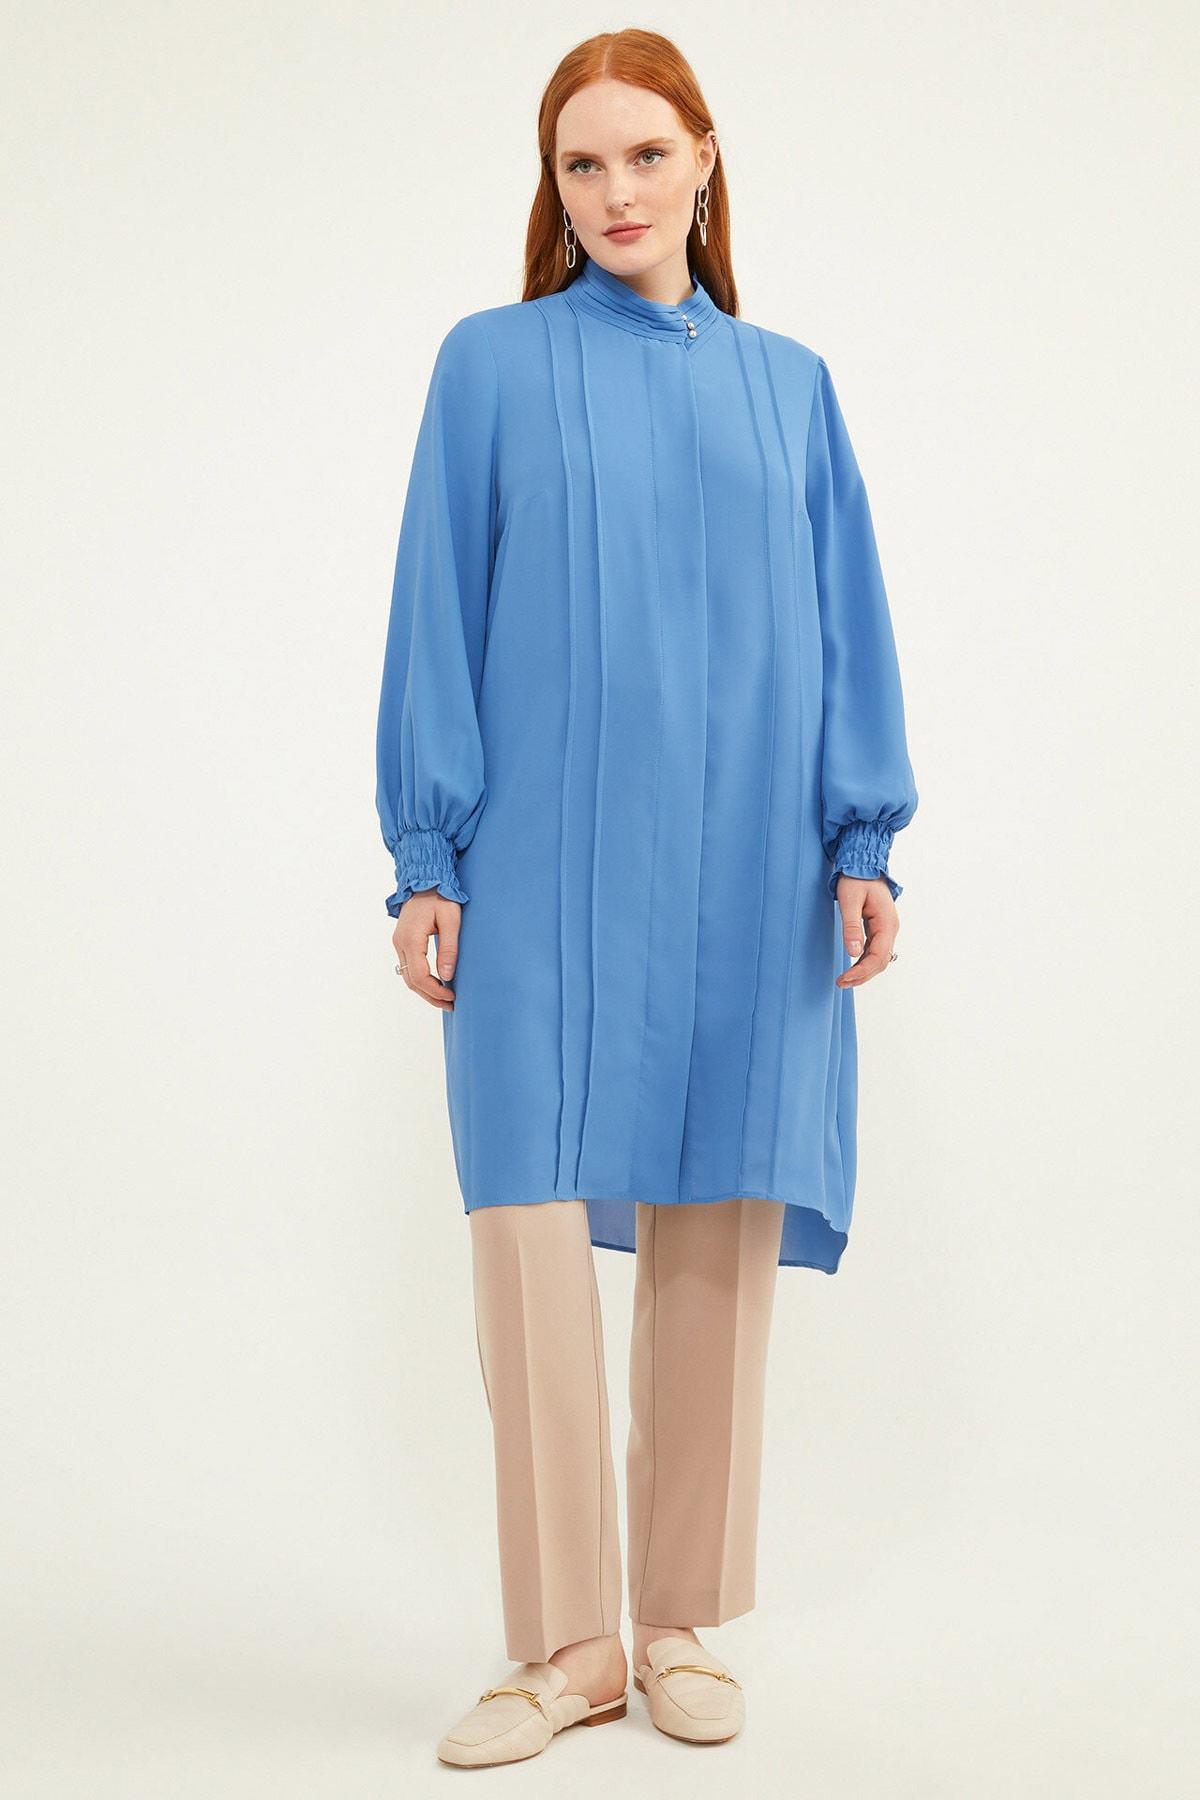 Aker Kadın Büyük Beden Biyeli Mavi Tunik V158970110 1